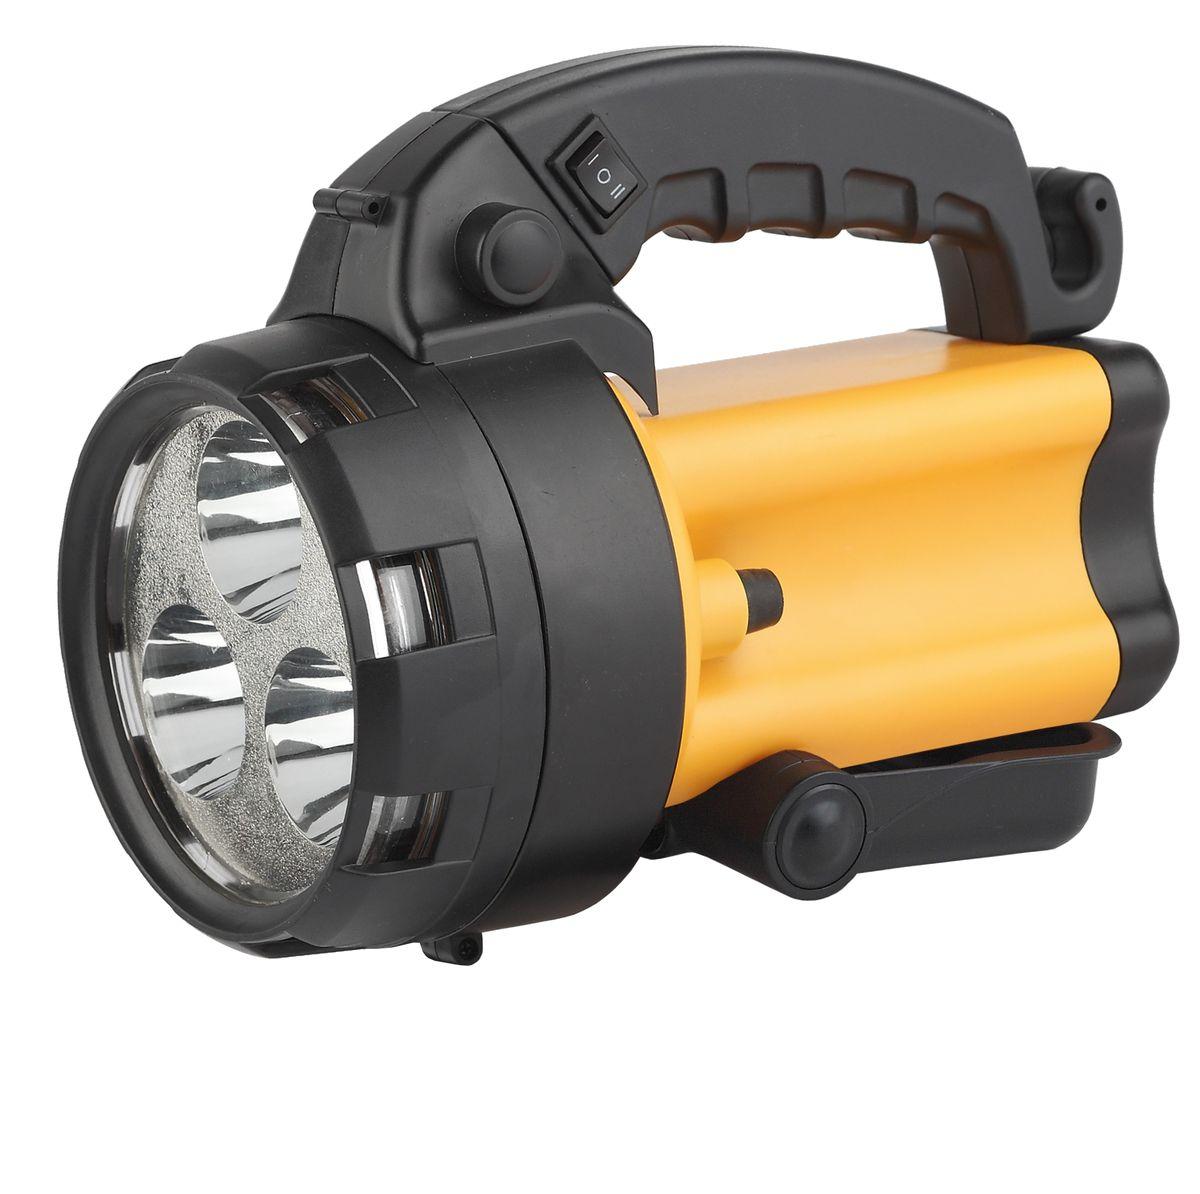 Фонарь ручной Эра, 3 x 1 Вт LED SMD, аккумулятор 4В 4,5Ач, ЗУ 220V+12V фонарь ручной эра практик 15 вт cob powerbank 6 ач с магнитом и крючком 3 режима